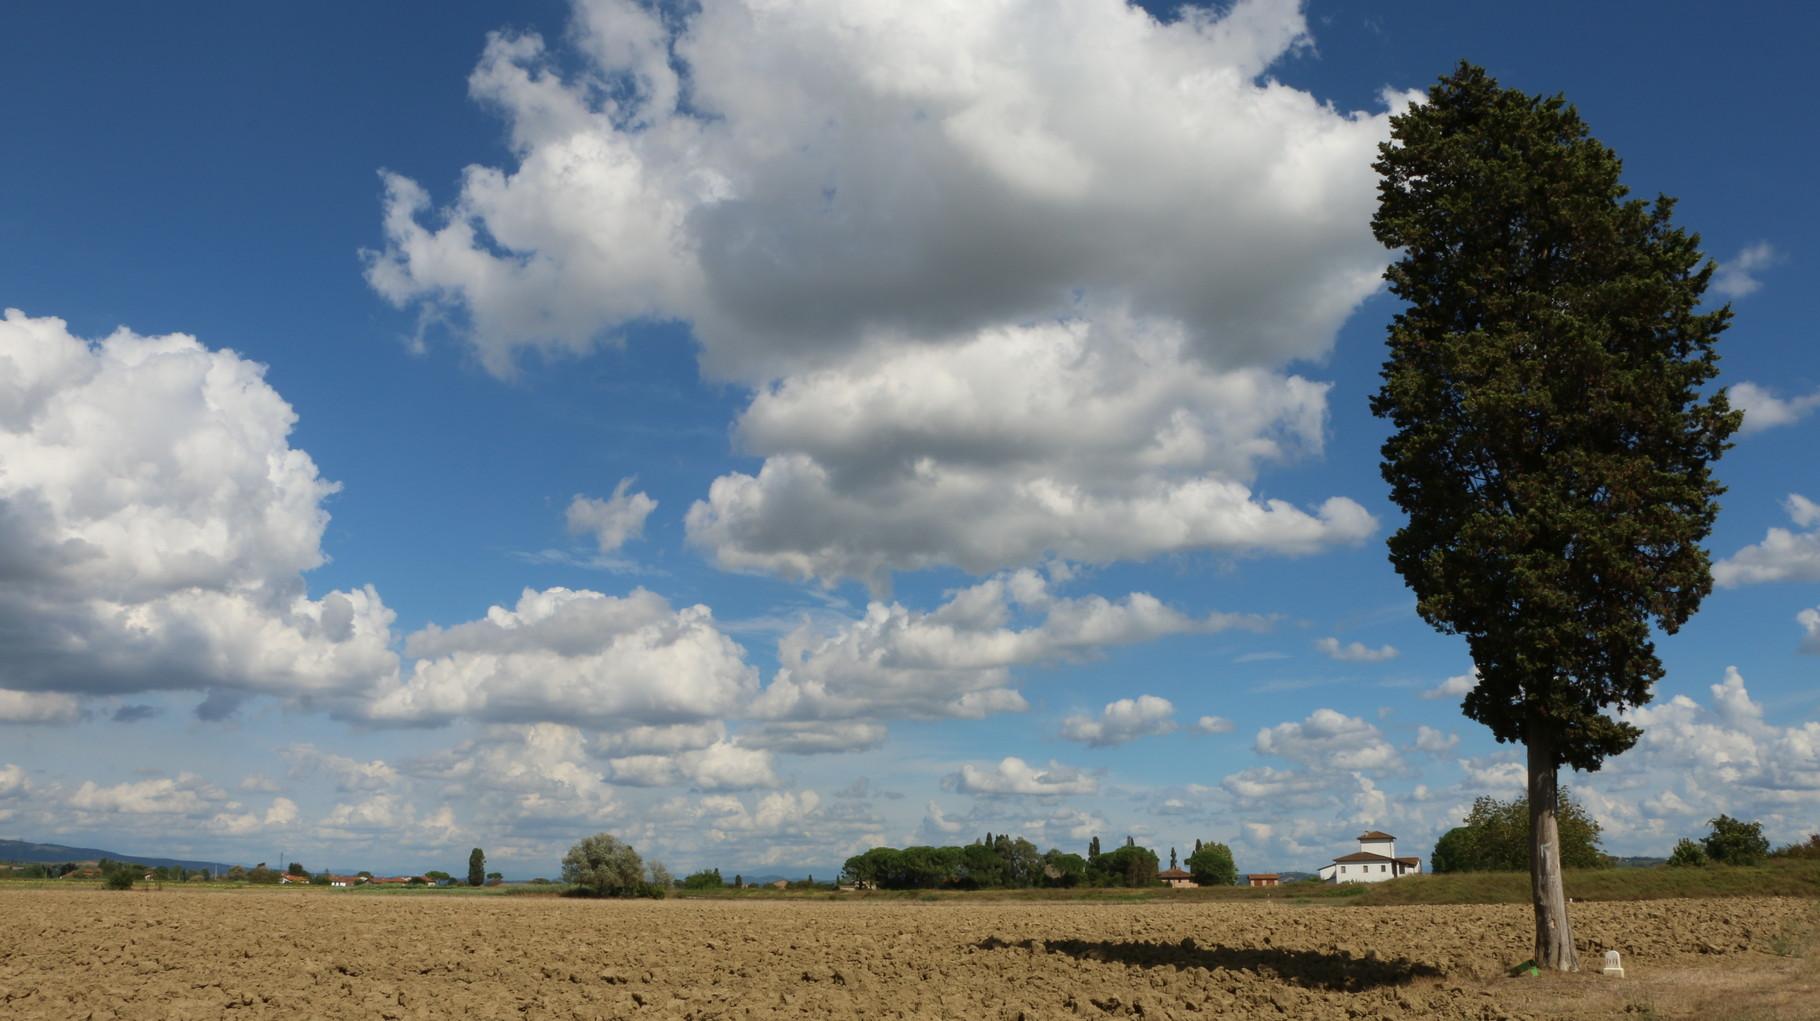 Tappa 28: Altopascio - San Miniato | 29 km